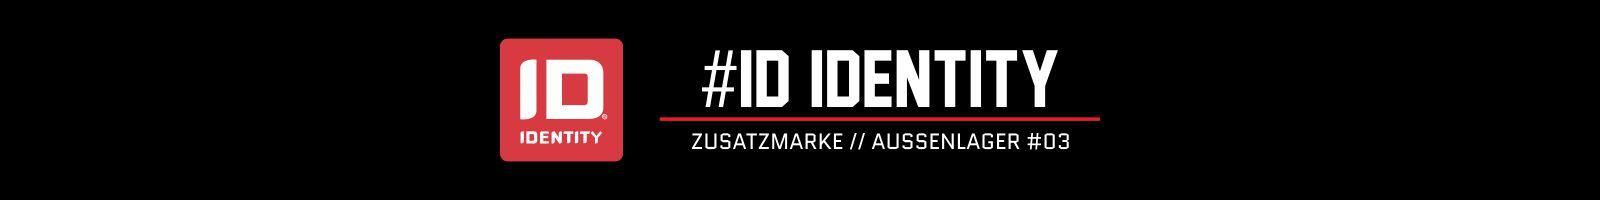 Kategorie-Marken => ID Identity